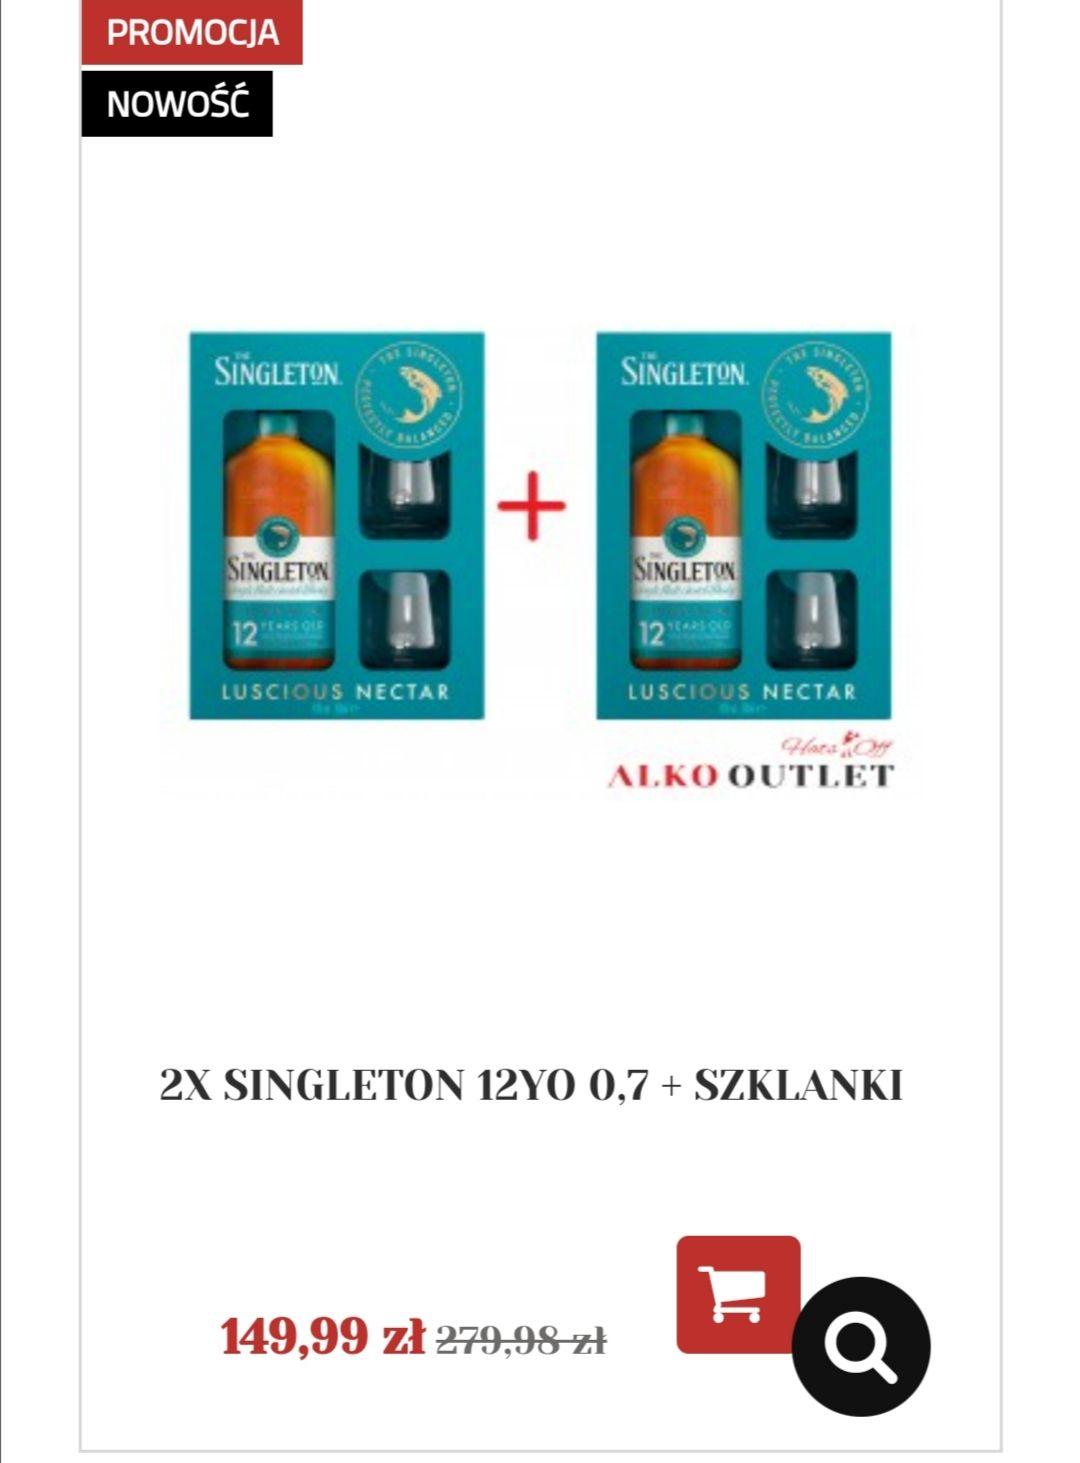 Whisky 2x Singleton 12yo 0.7 + szklanki ALKOUTLET